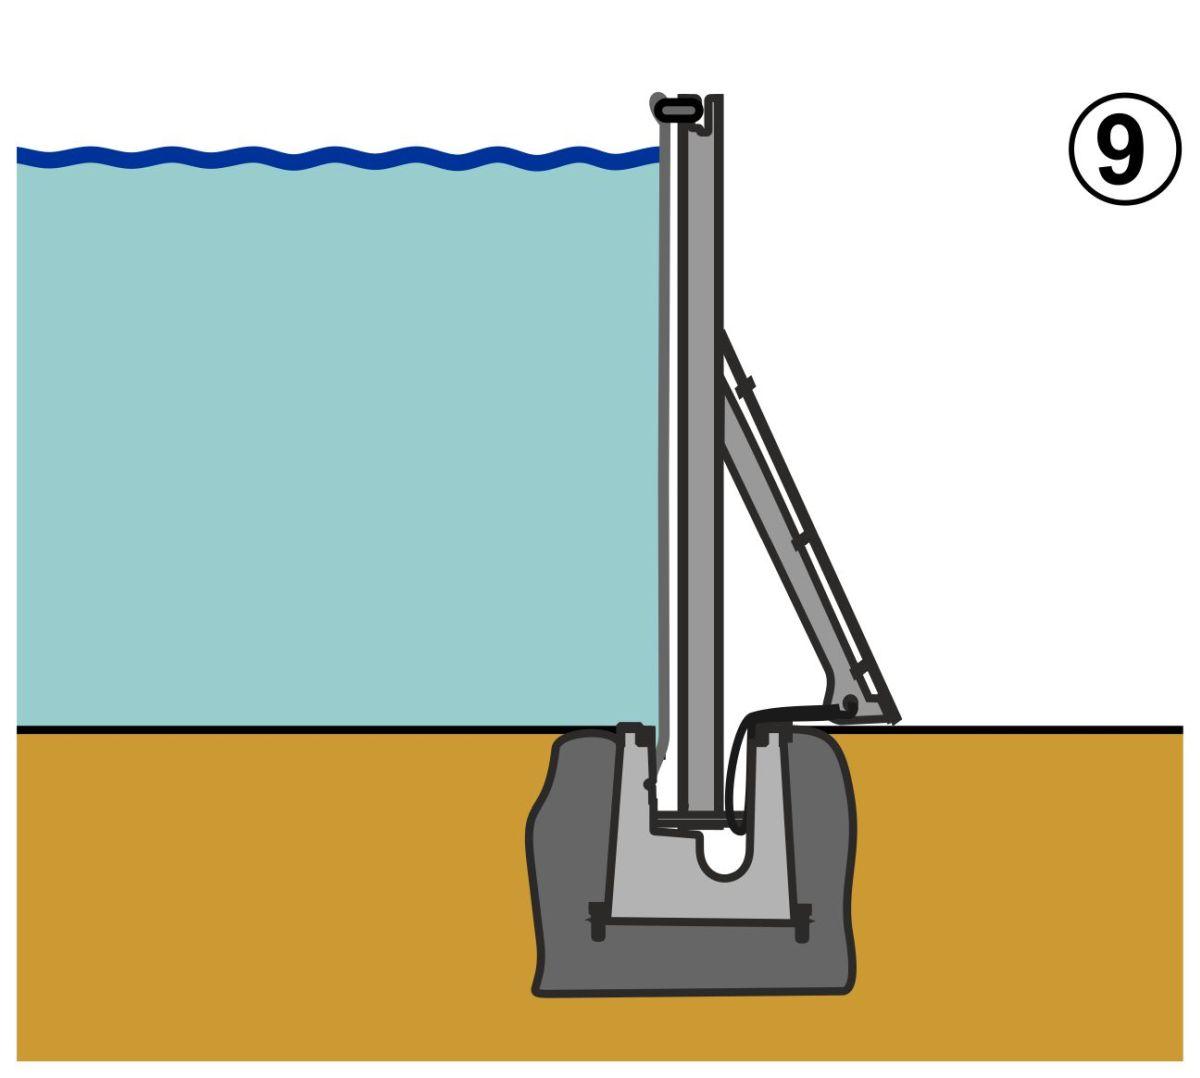 Mobiler Hochwasserschutz absenkbare/hochziehbare Systeme